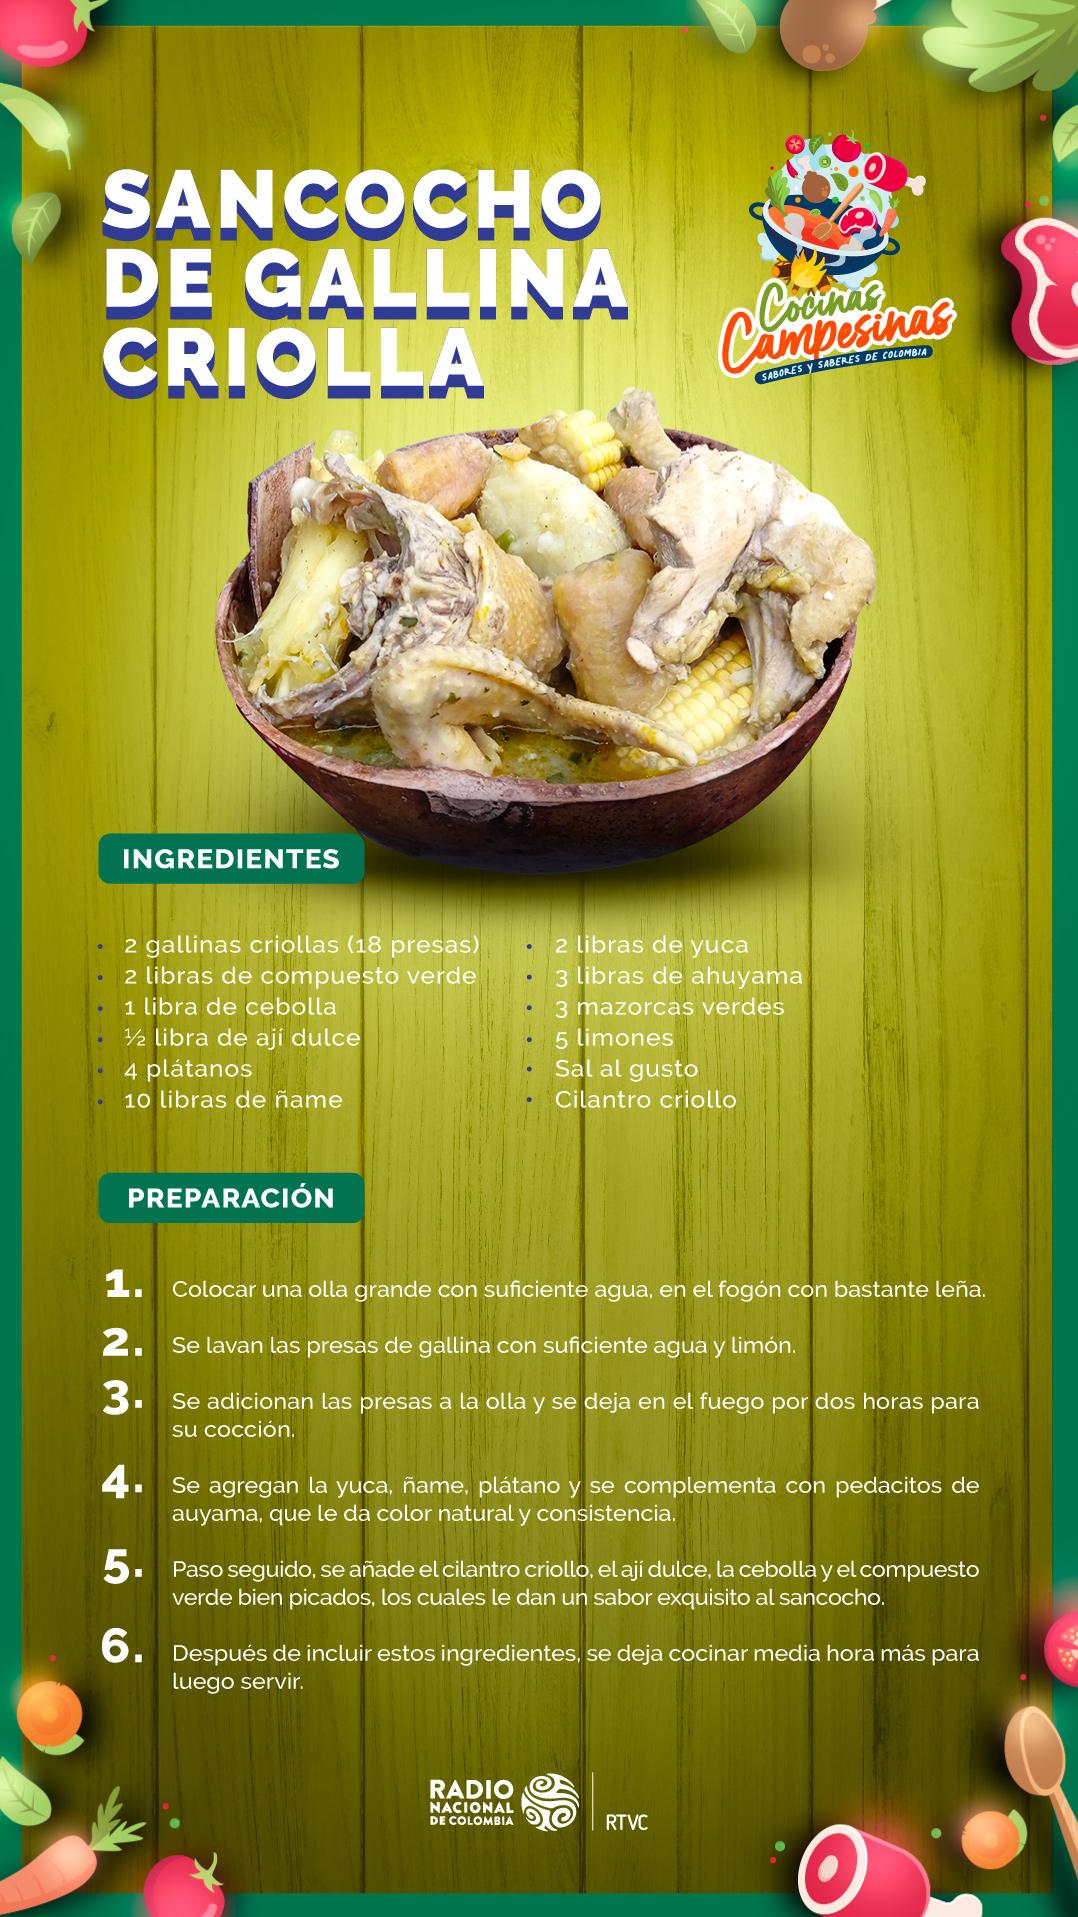 Receta sancocho de gallina